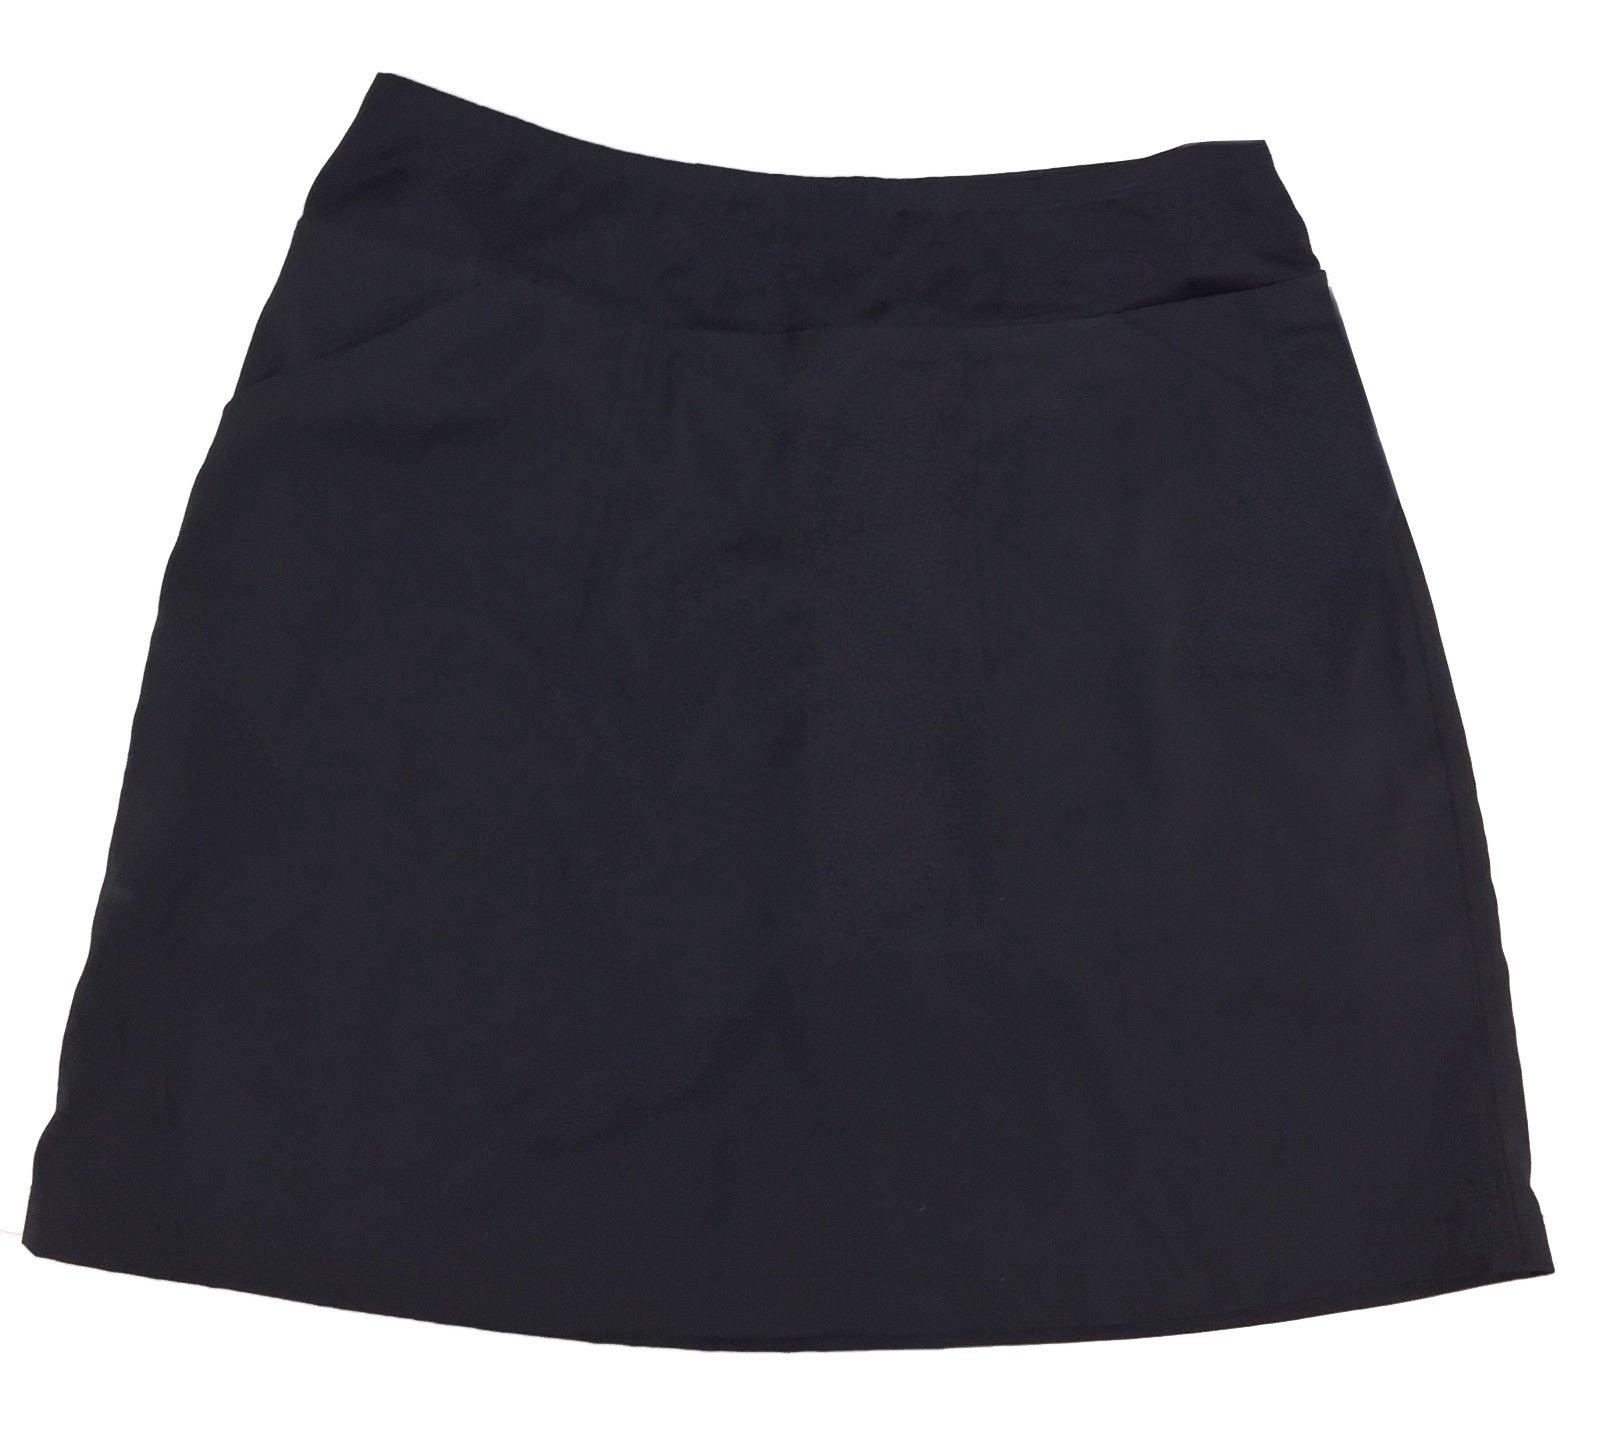 Cypress Club Women's Skort (Black, Small)